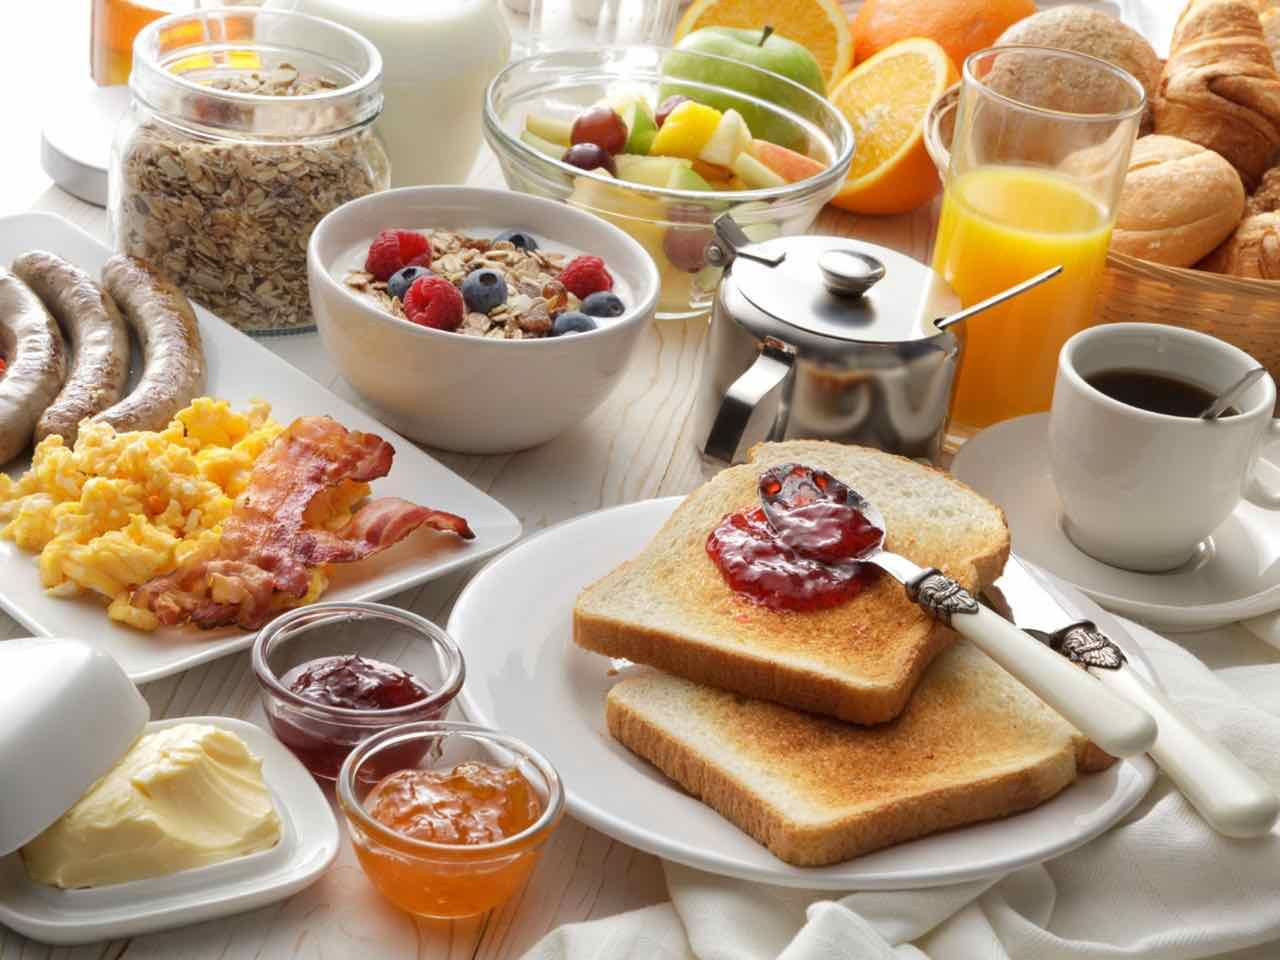 Prima colazione tendenze - breakfast trends - Gustorotondo Italian food boutique - I migliori cibi online - Best Italian food online - spesa online